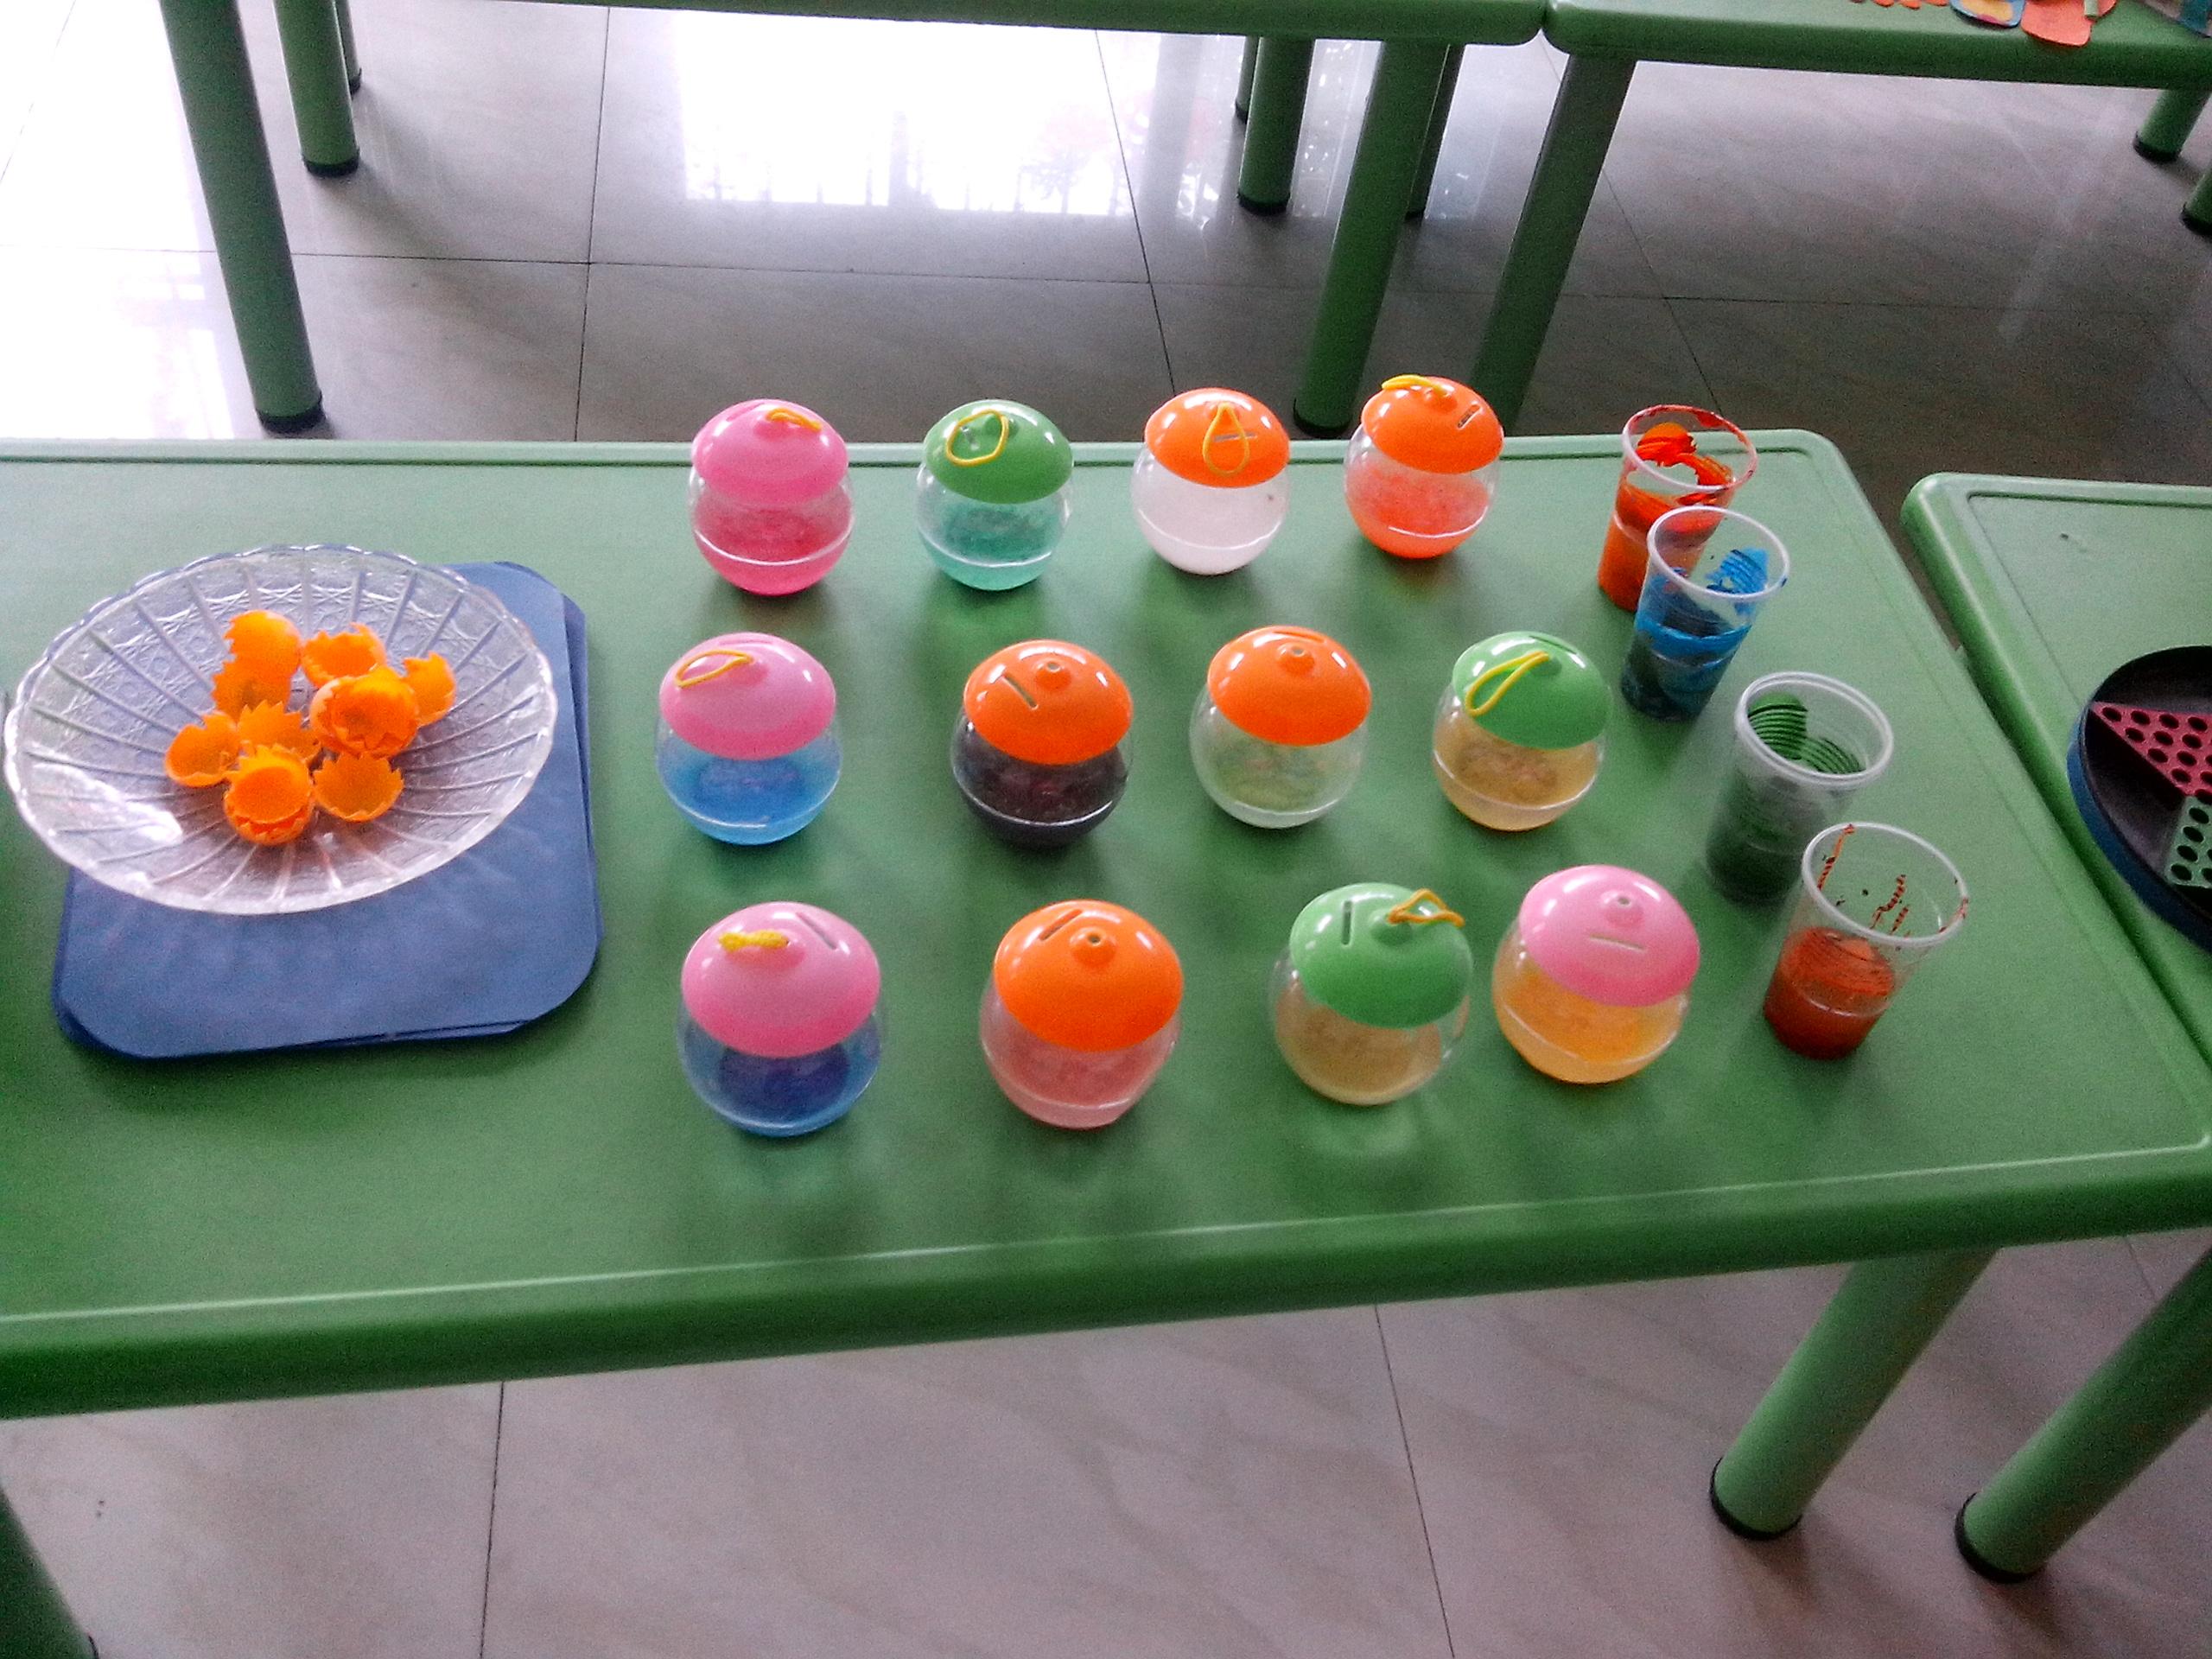 幼儿教育 幼教素材 幼儿园区角布置图片